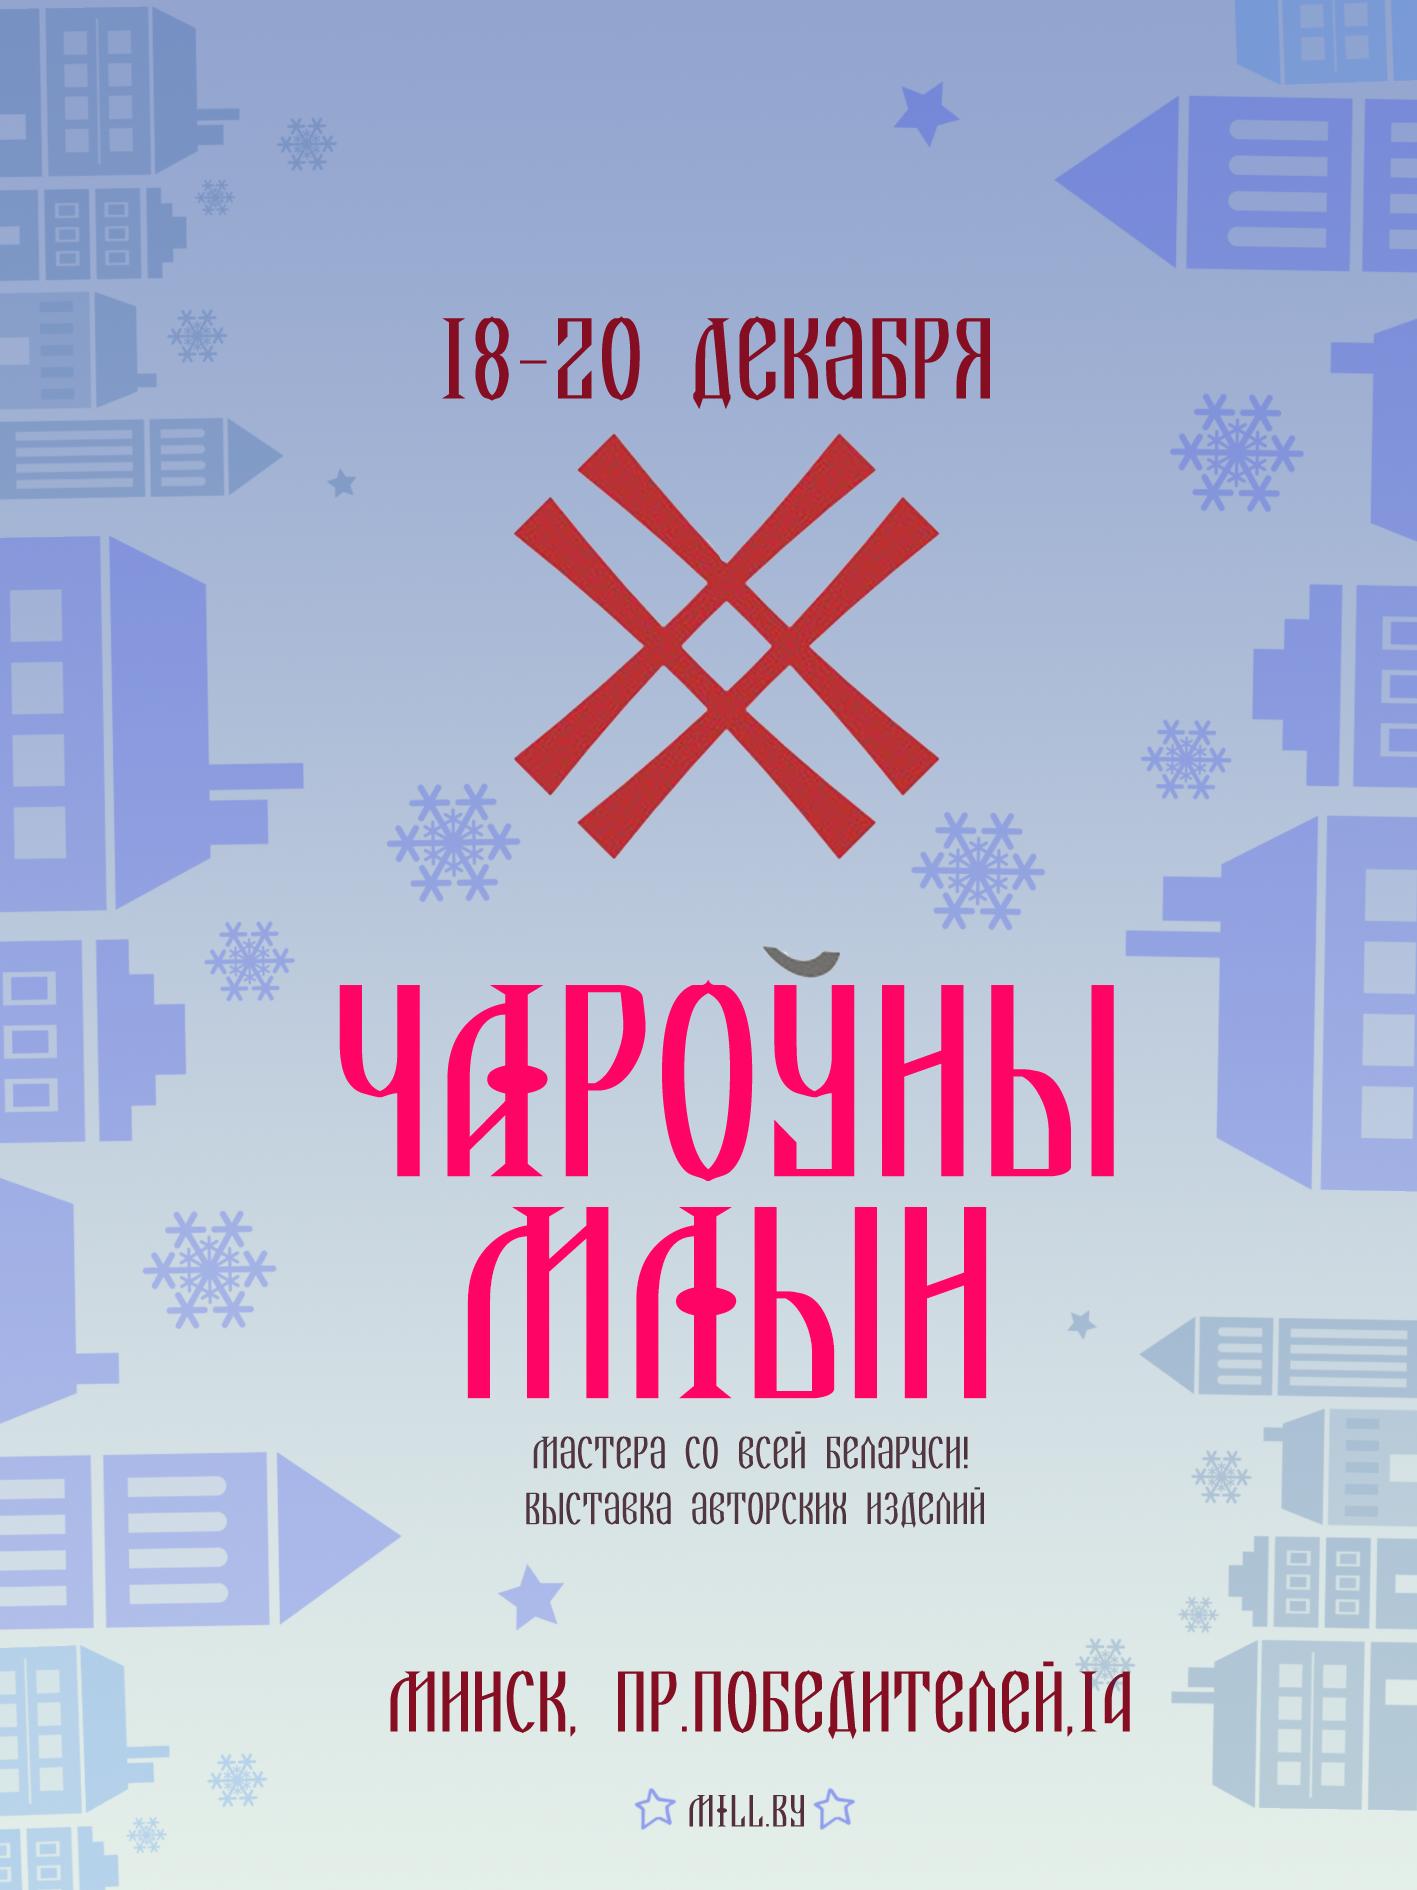 Дизайн новогодней афиши для выставки изделий ручной работы фото f_7335f89d14e84ae5.png